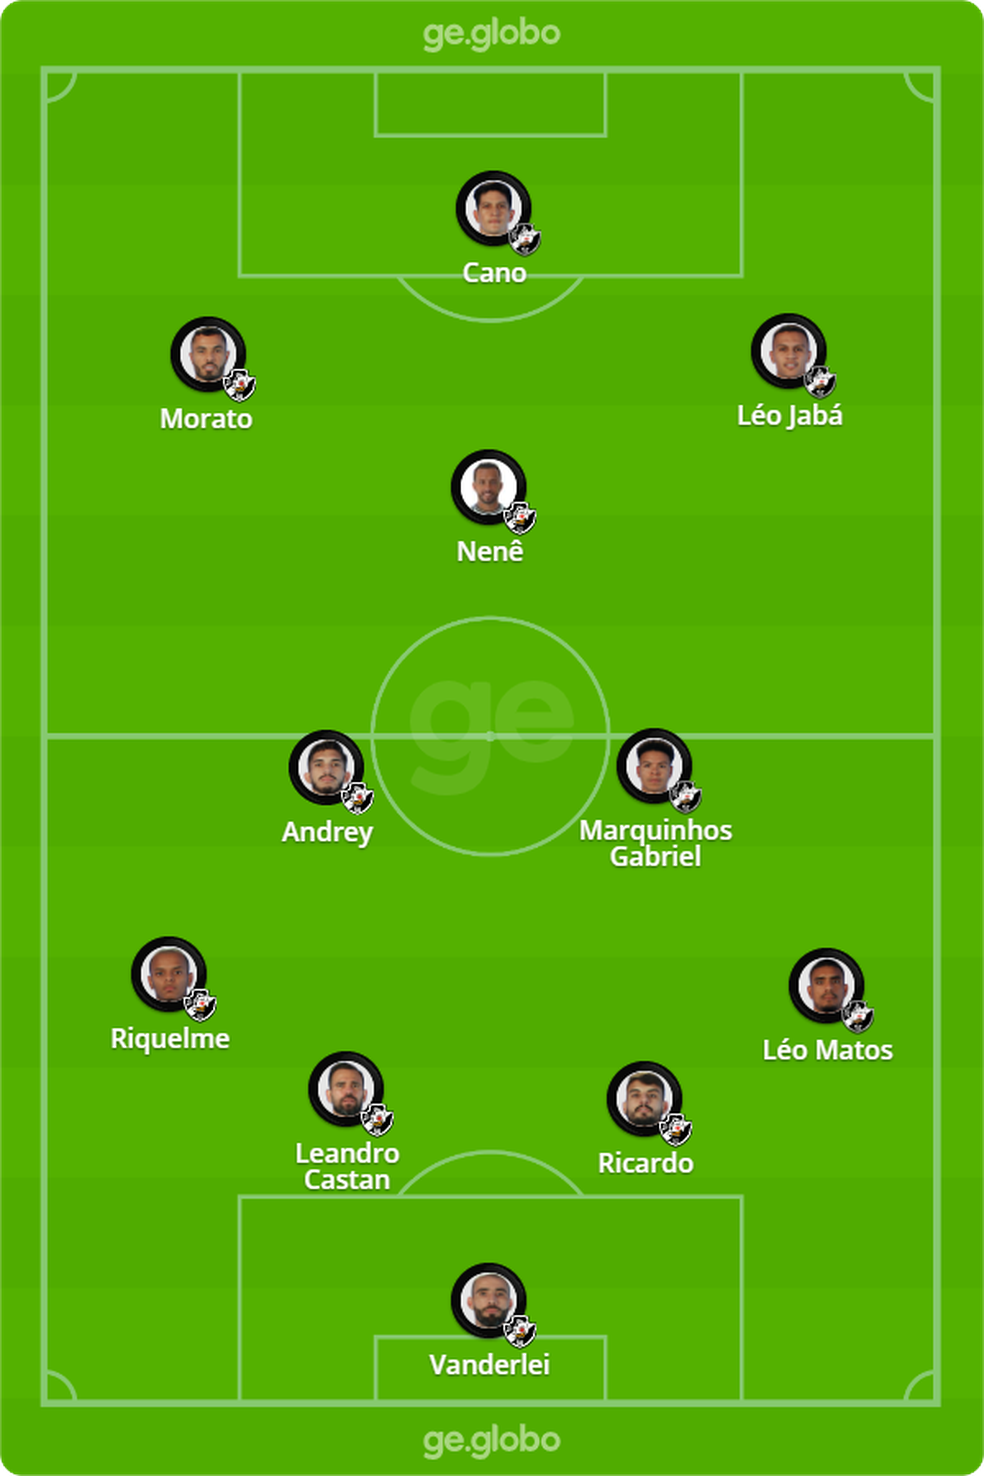 Provável escalação do Vasco contra o Cruzeiro — Foto: ge